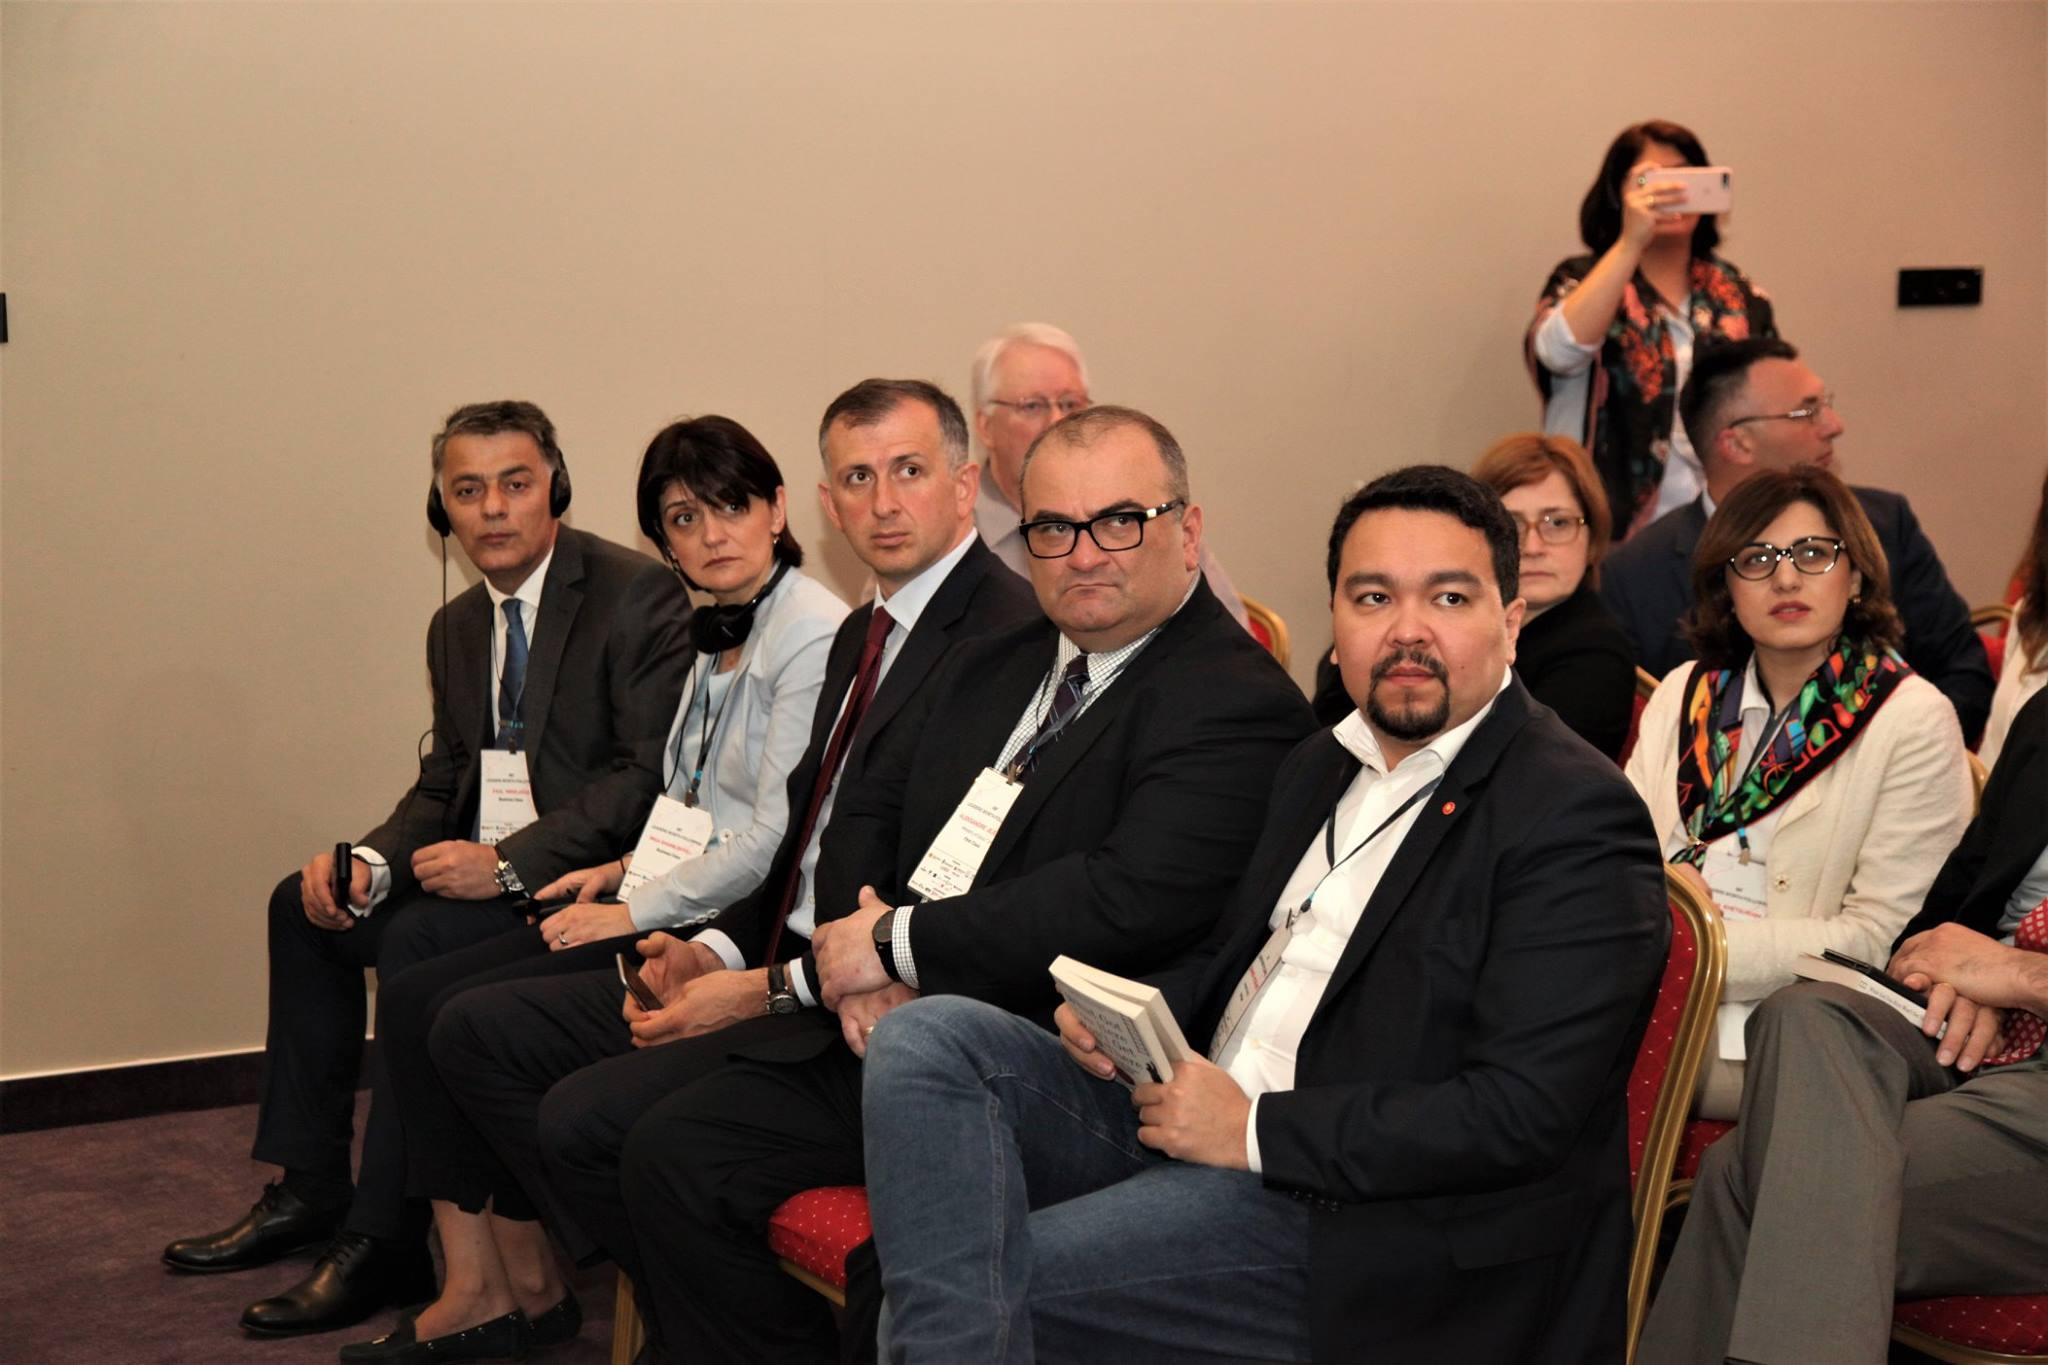 ბათუმში საერთაშორისო ბიზნეს ფორუმი (IBF) გაიხსნა